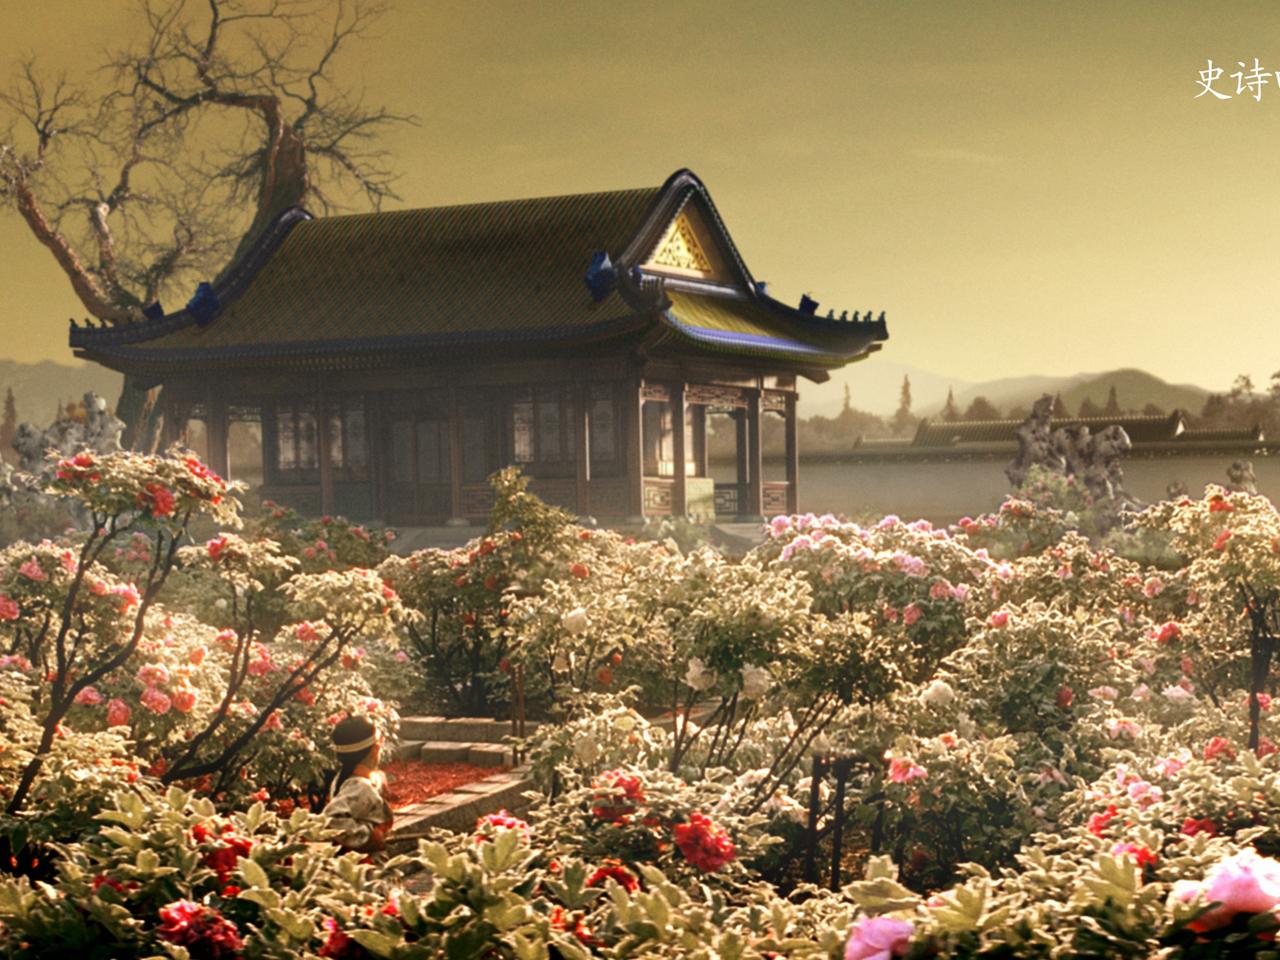 园纪录片高清_寻找失落的文明--复原万园之园圆明园